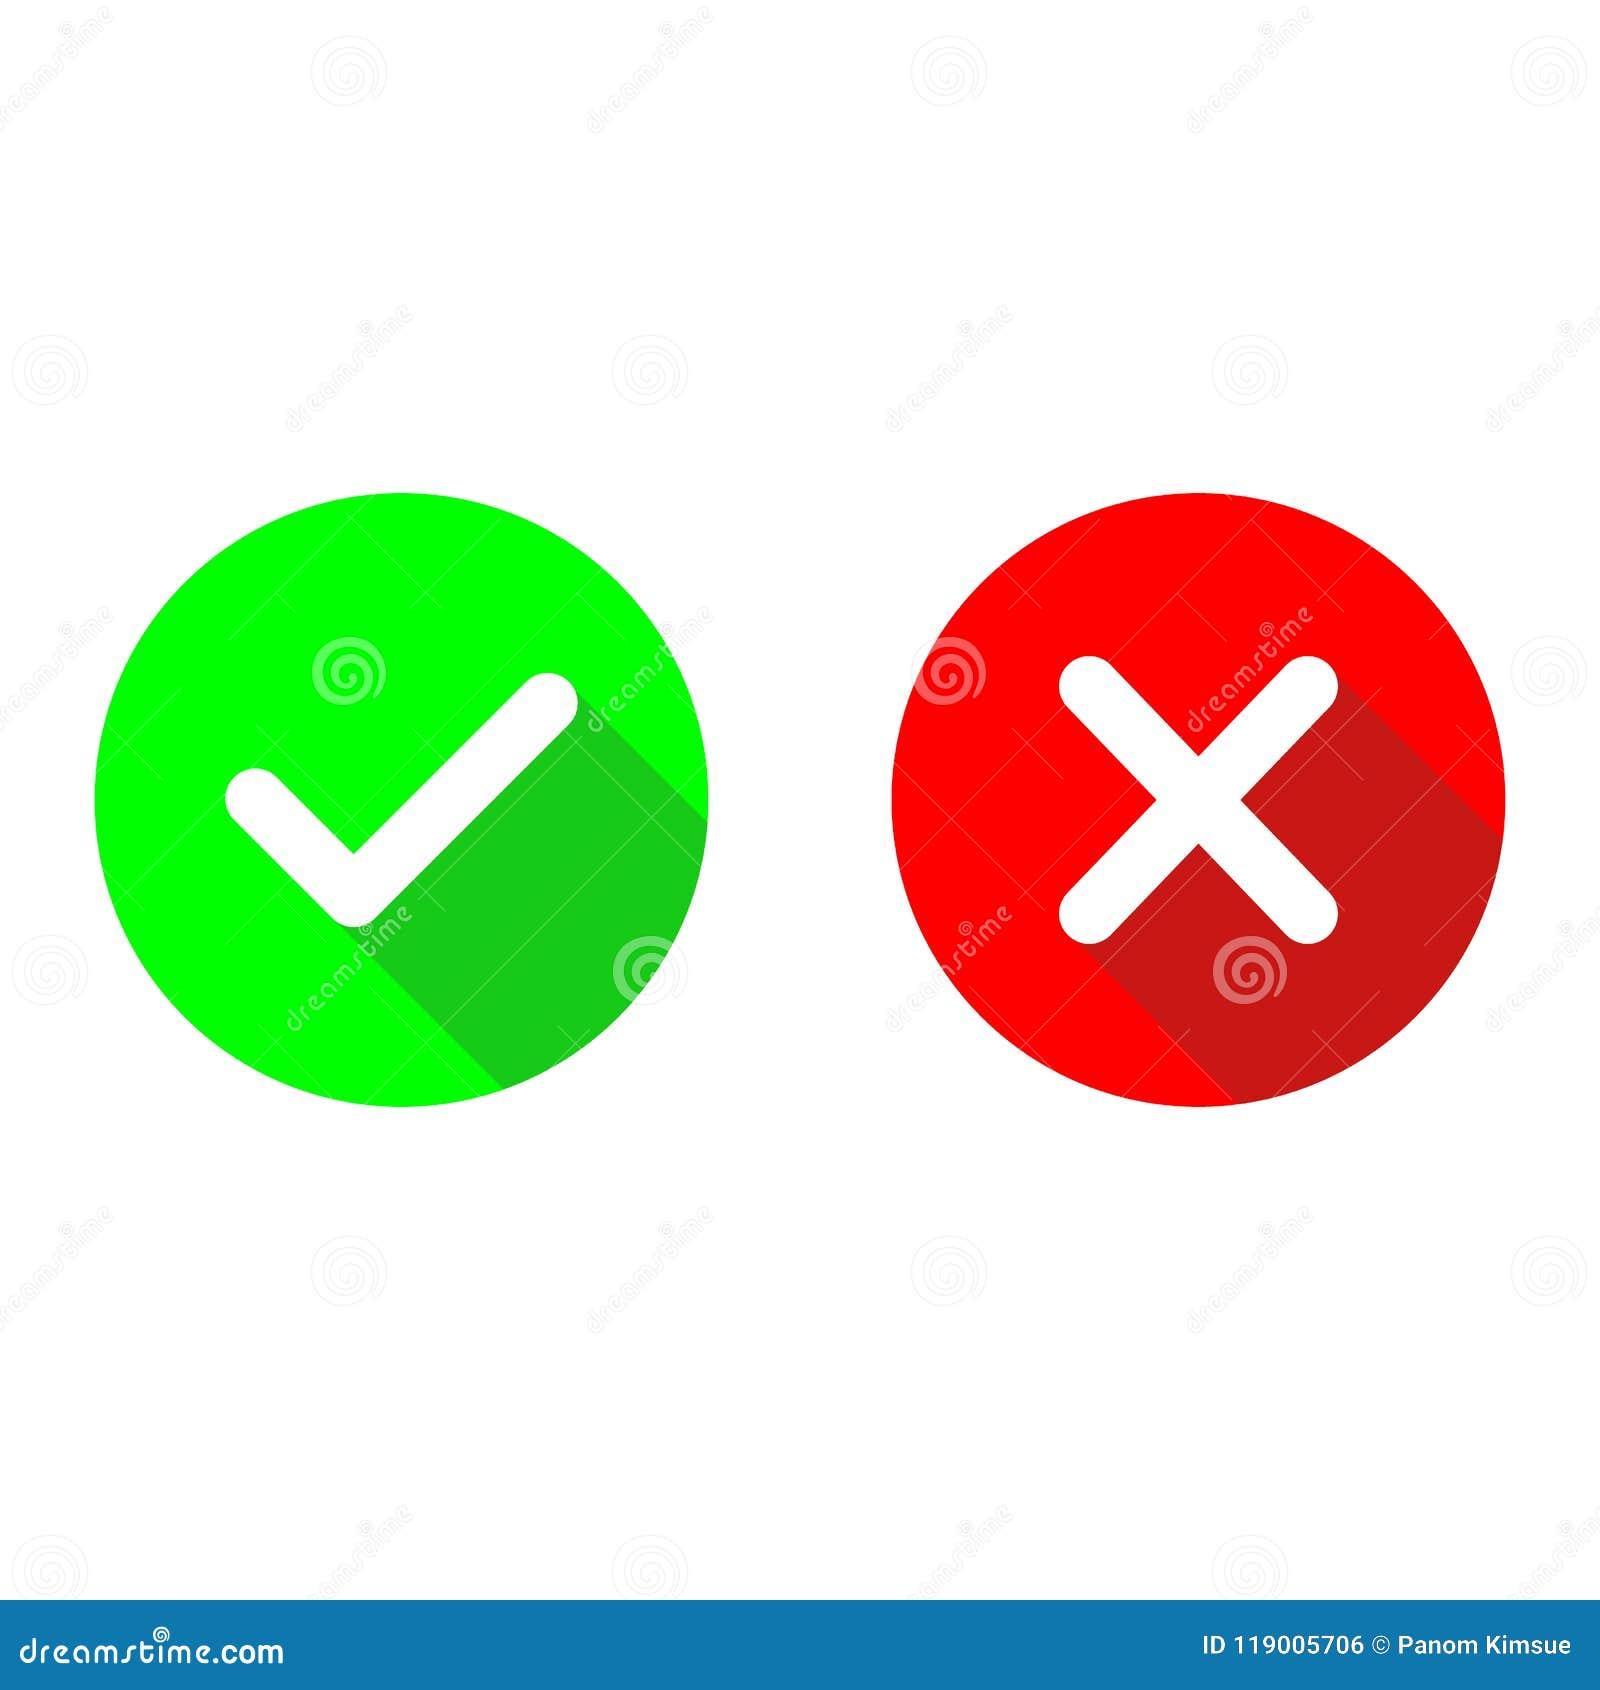 Iconos planos aceptables y rojos de la marca de cotejo verde de x del vector Circunde los símbolos sí y ningún botón para el voto